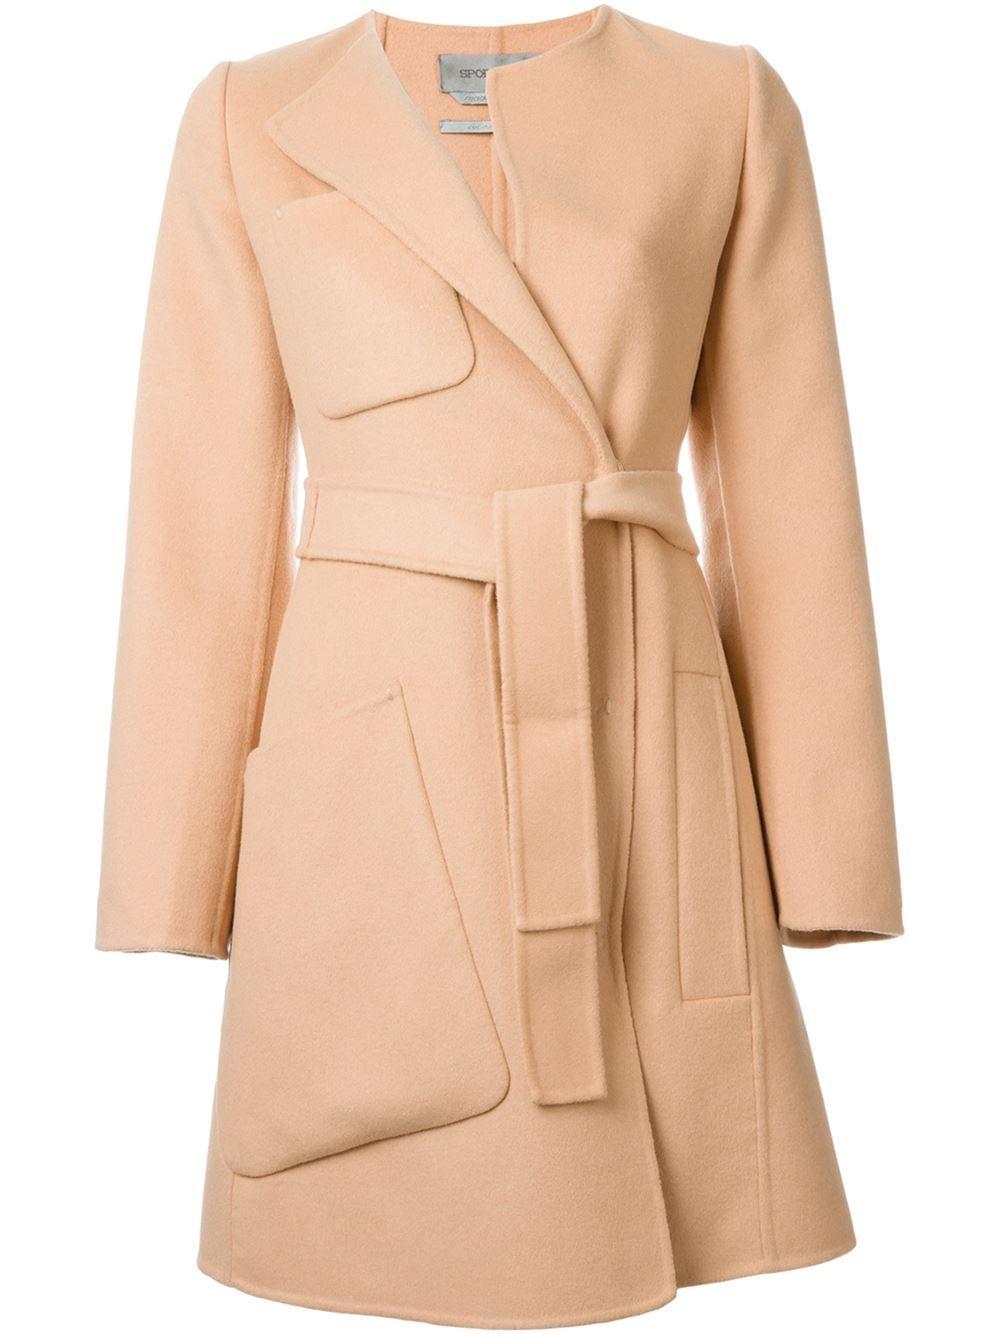 1f448d03a09c Sportmax Пальто С Поясом - Julian Fashion - Farfetch.com Max Mara, Coats For